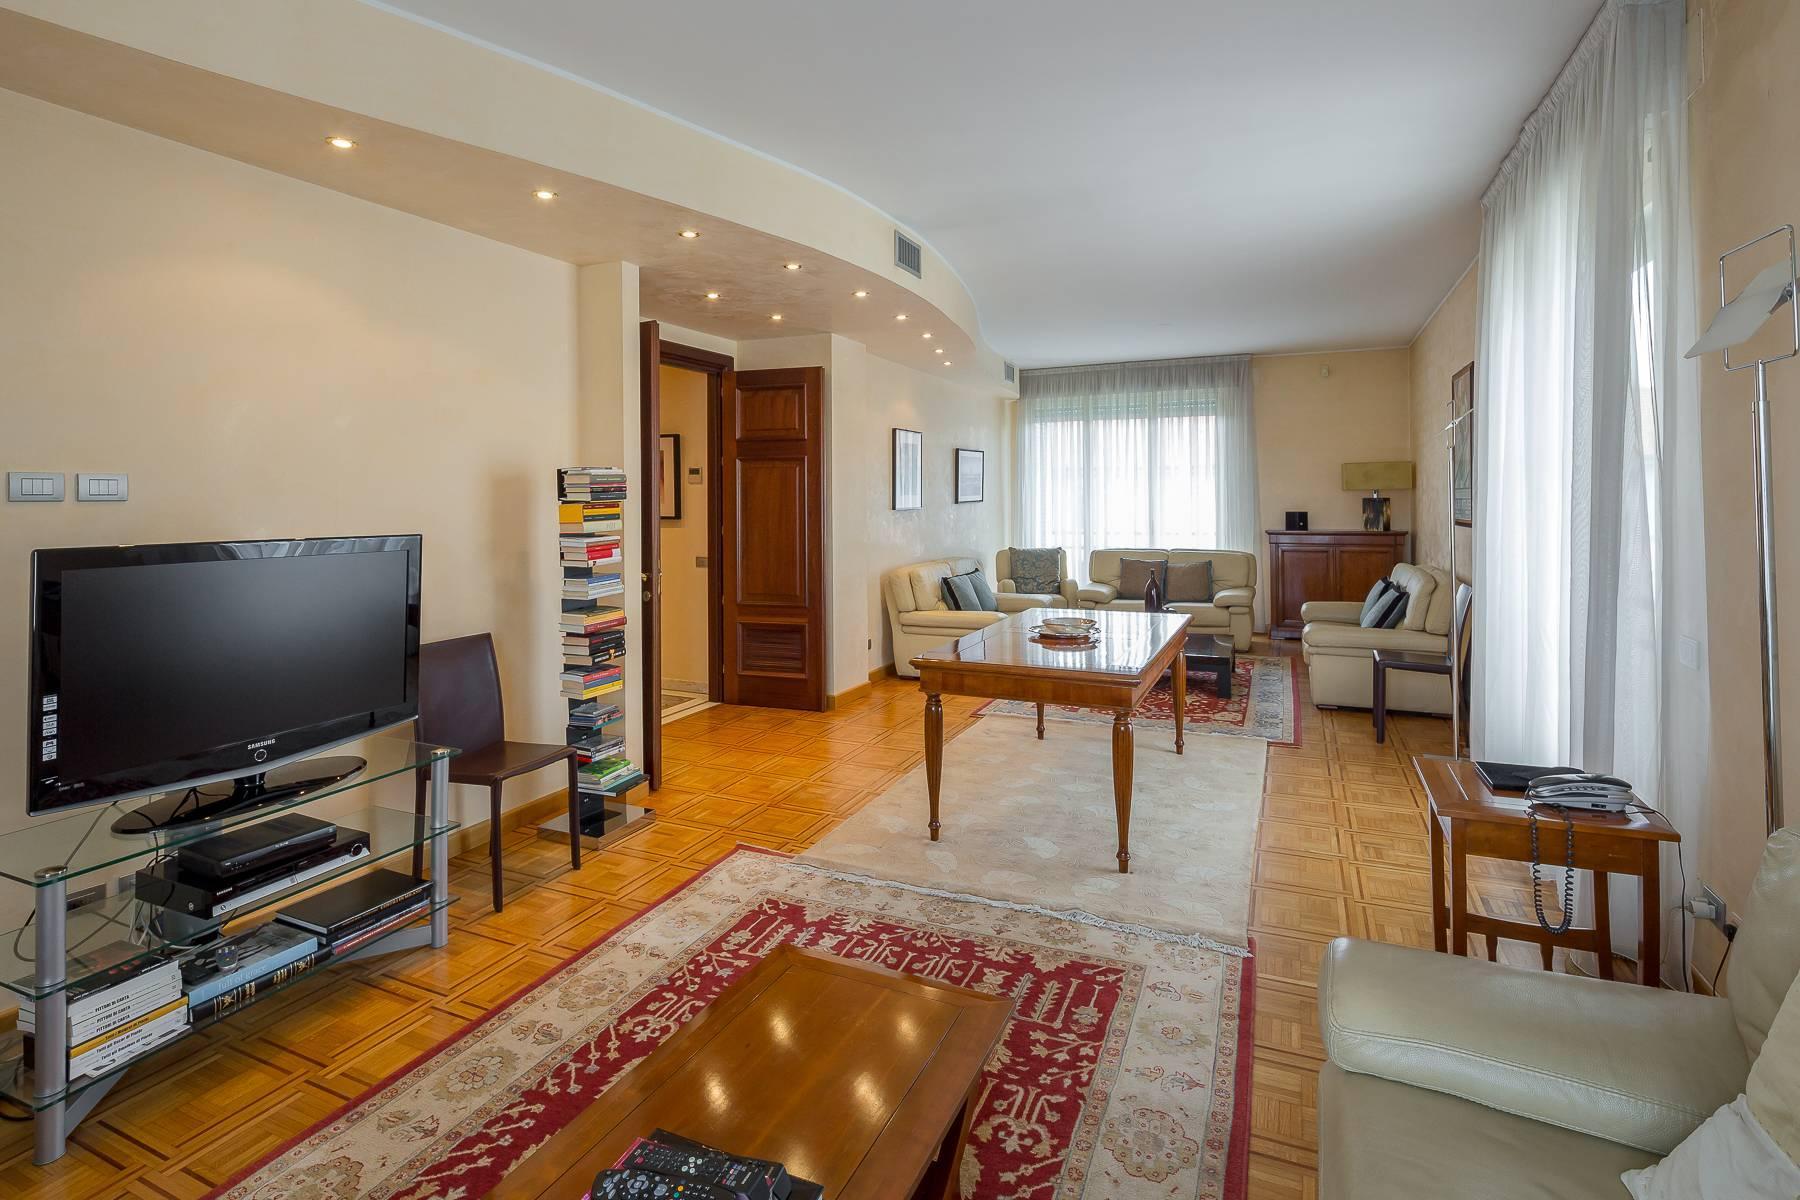 Schöne möblierte Wohnung im Buonarroti Stadtviertel - 2